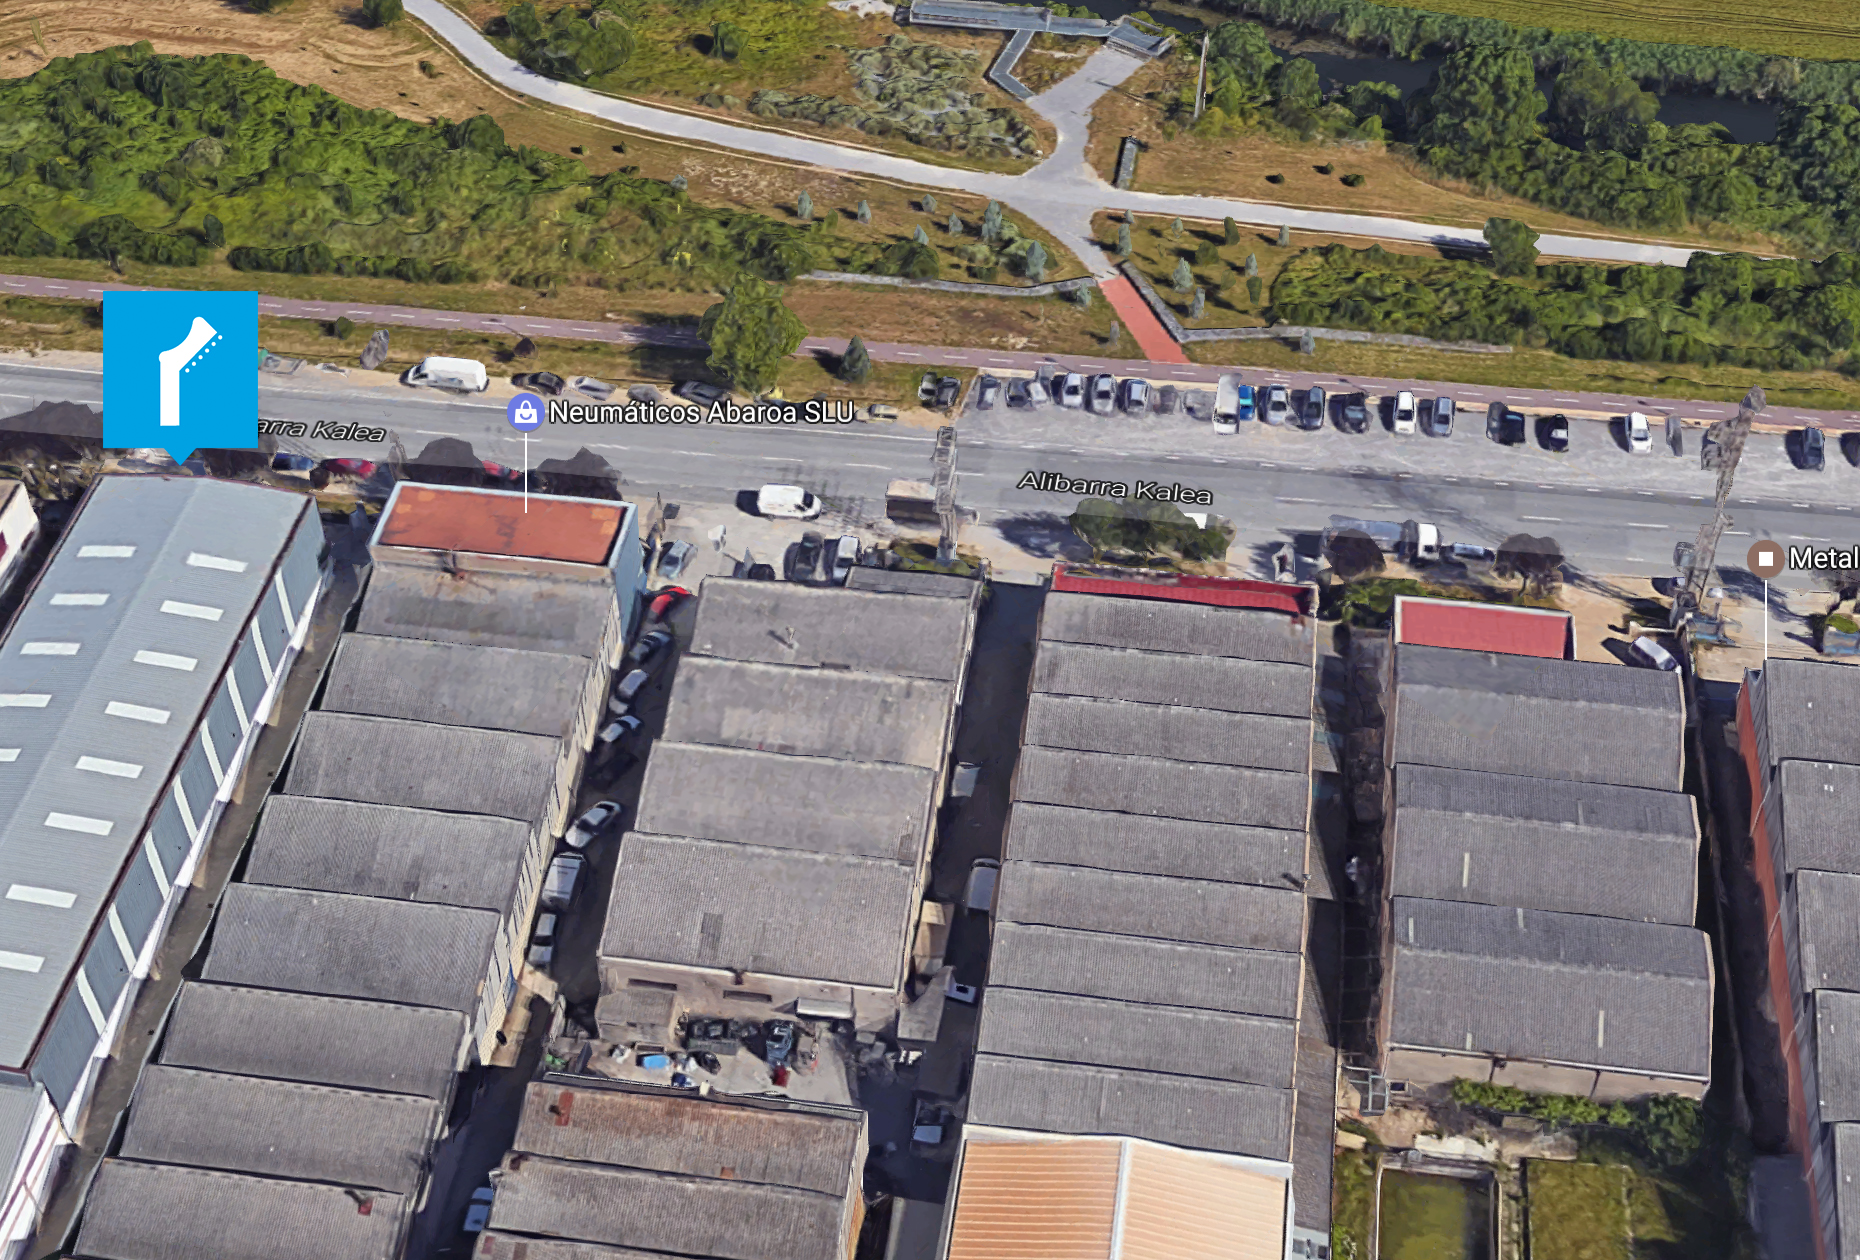 Servicio de aparcamiento para coches exterior de los locales de ensayo